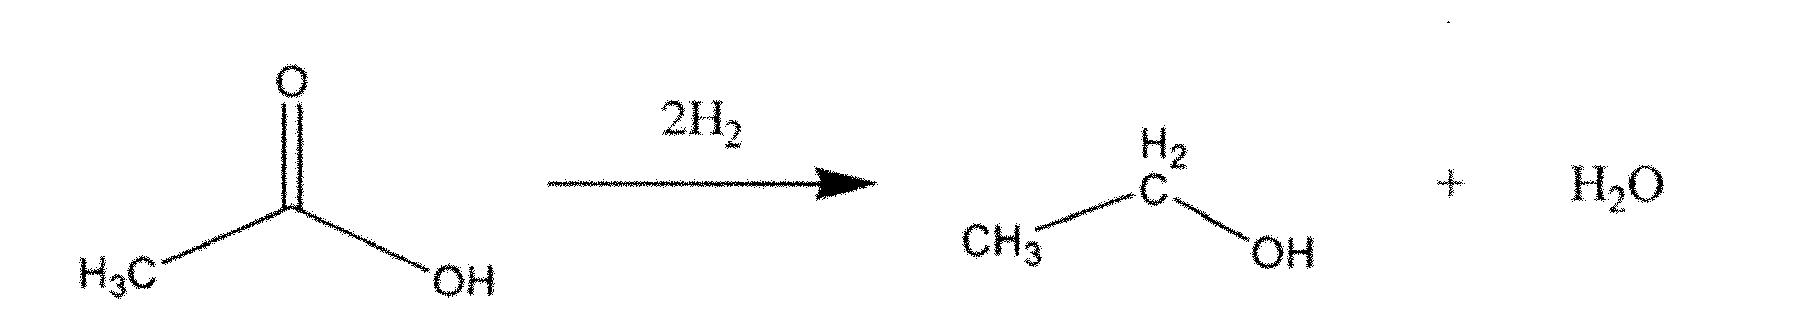 Figure CN102149661BD00051